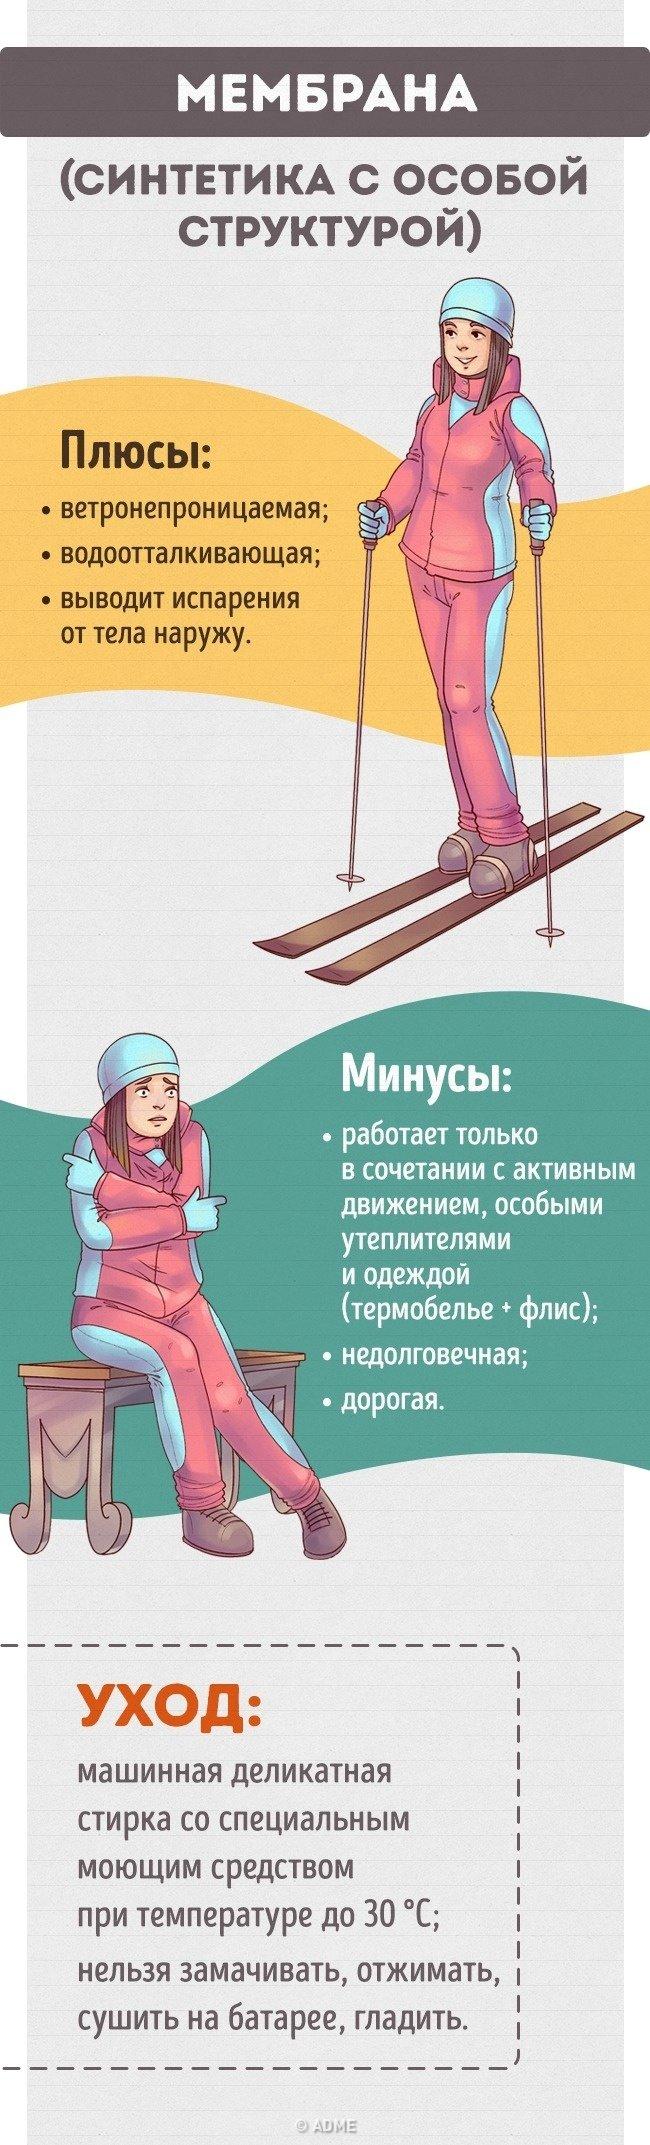 Как выбрать идеальную зимнюю куртку на любую погоду?, фото-4